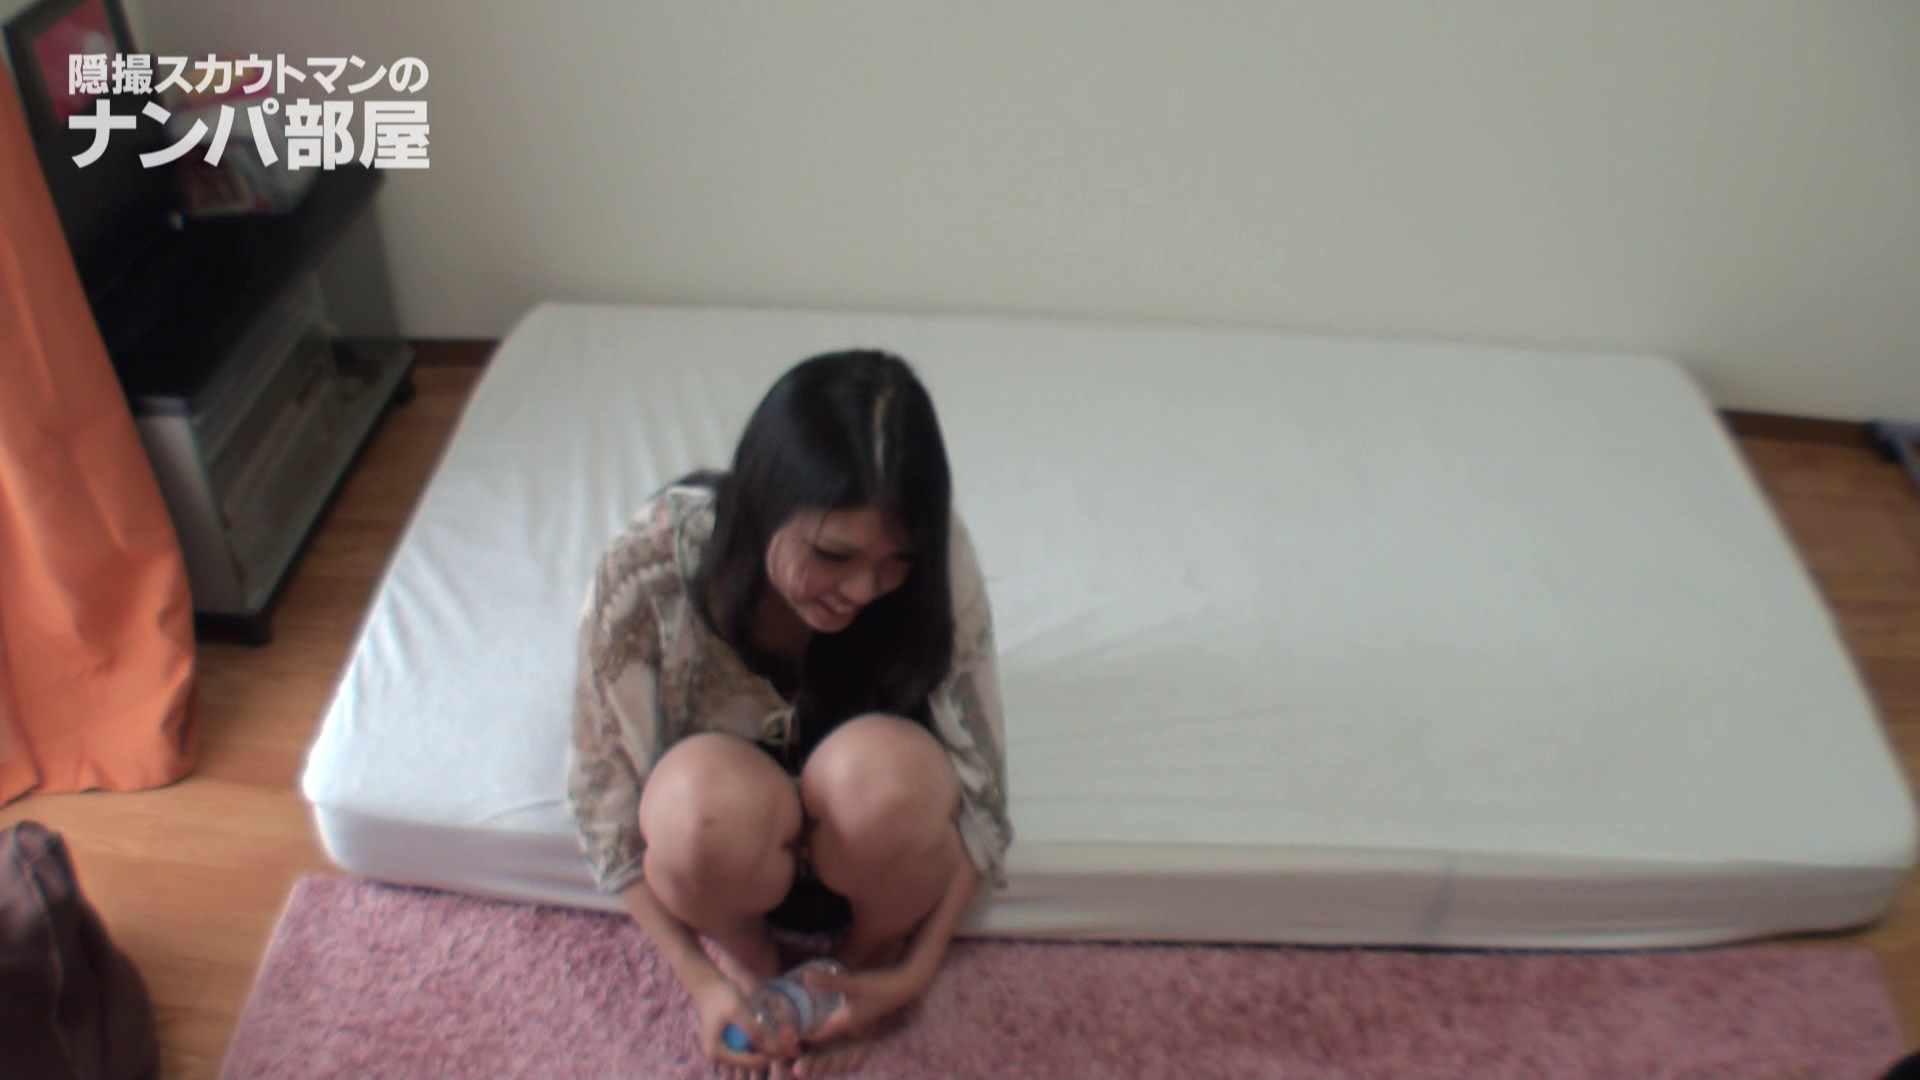 隠撮スカウトマンのナンパ部屋~風俗デビュー前のつまみ食い~hana 脱衣所 | 隠撮  89pic 16